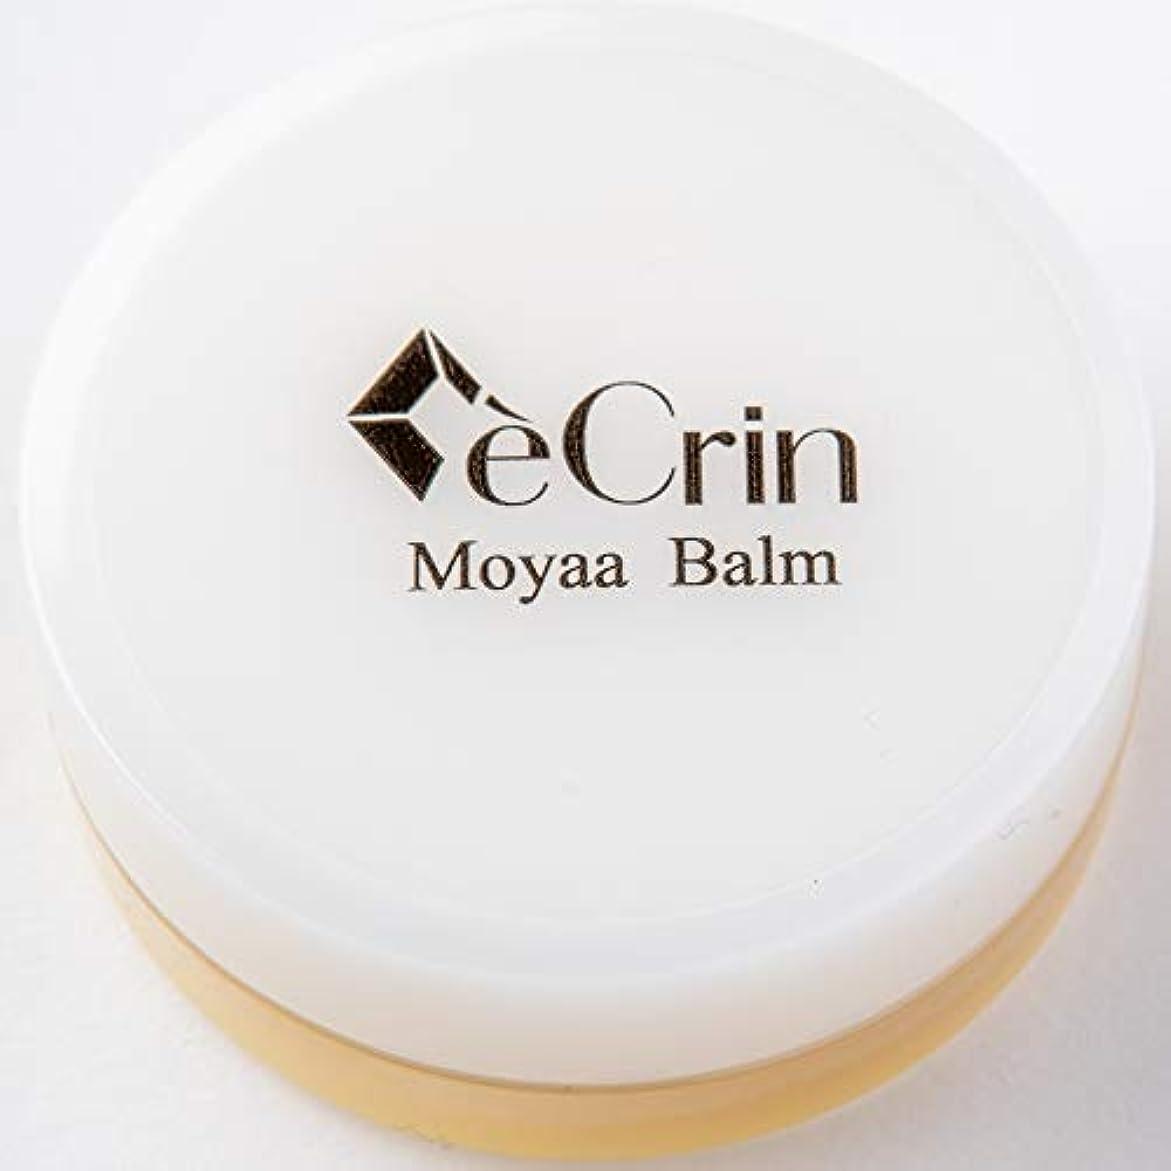 メイト冗談でモザイクMoyaa Balm (モーヤバーム)天然成分のみで仕上げたシアバター white 無添加 天然成分100%